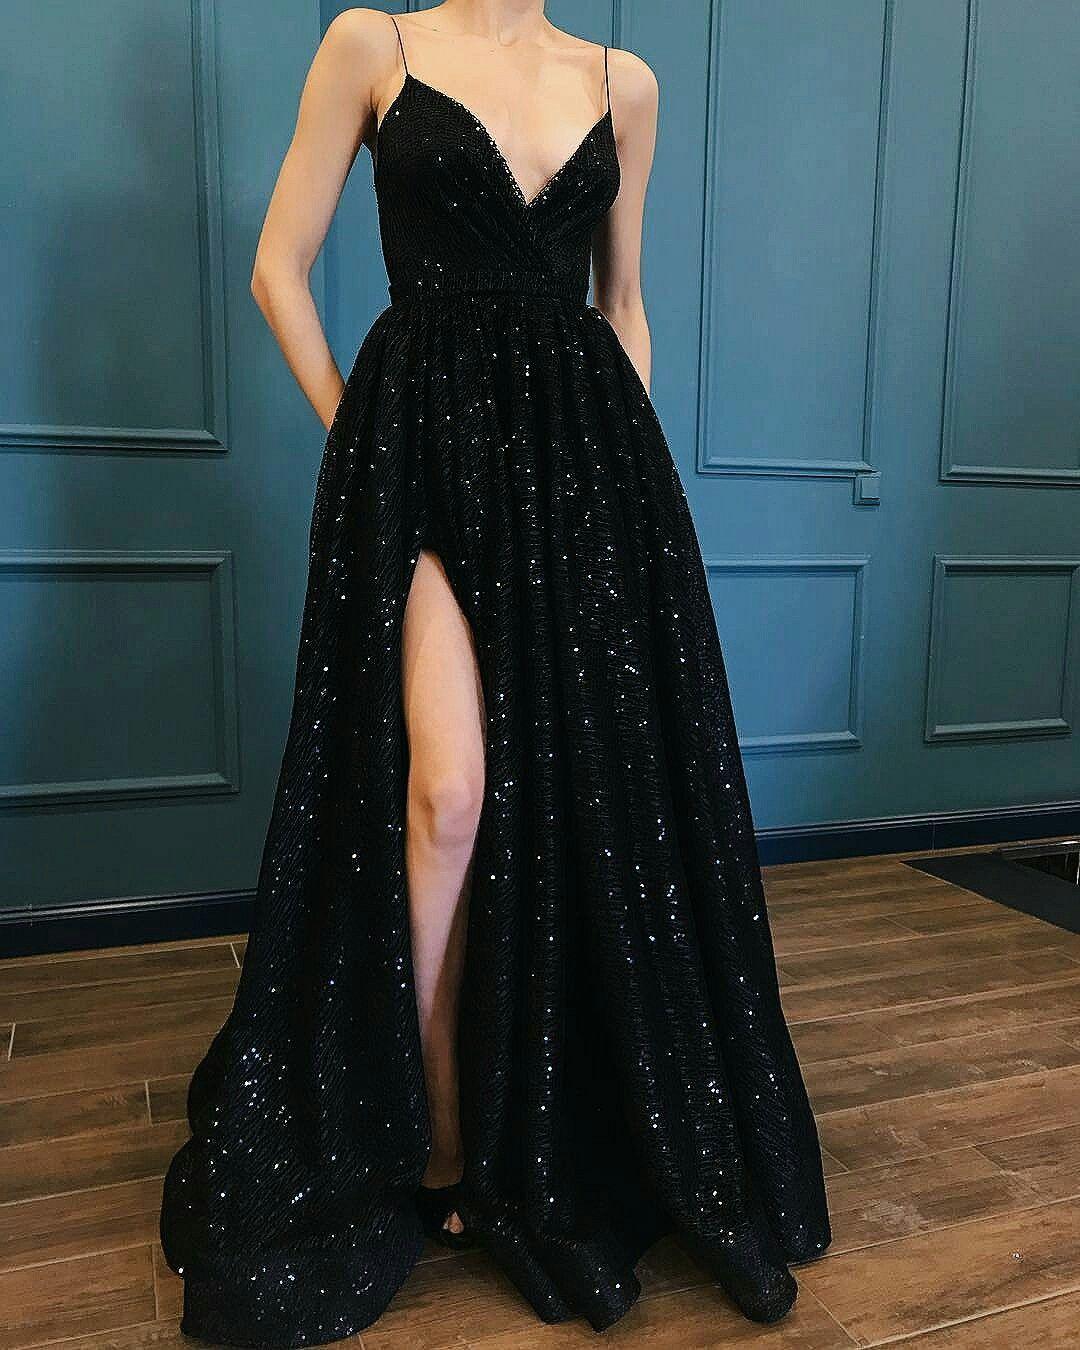 Shine Shine Shine Vestidos Vestidos Incriveis Moda [ 1350 x 1080 Pixel ]